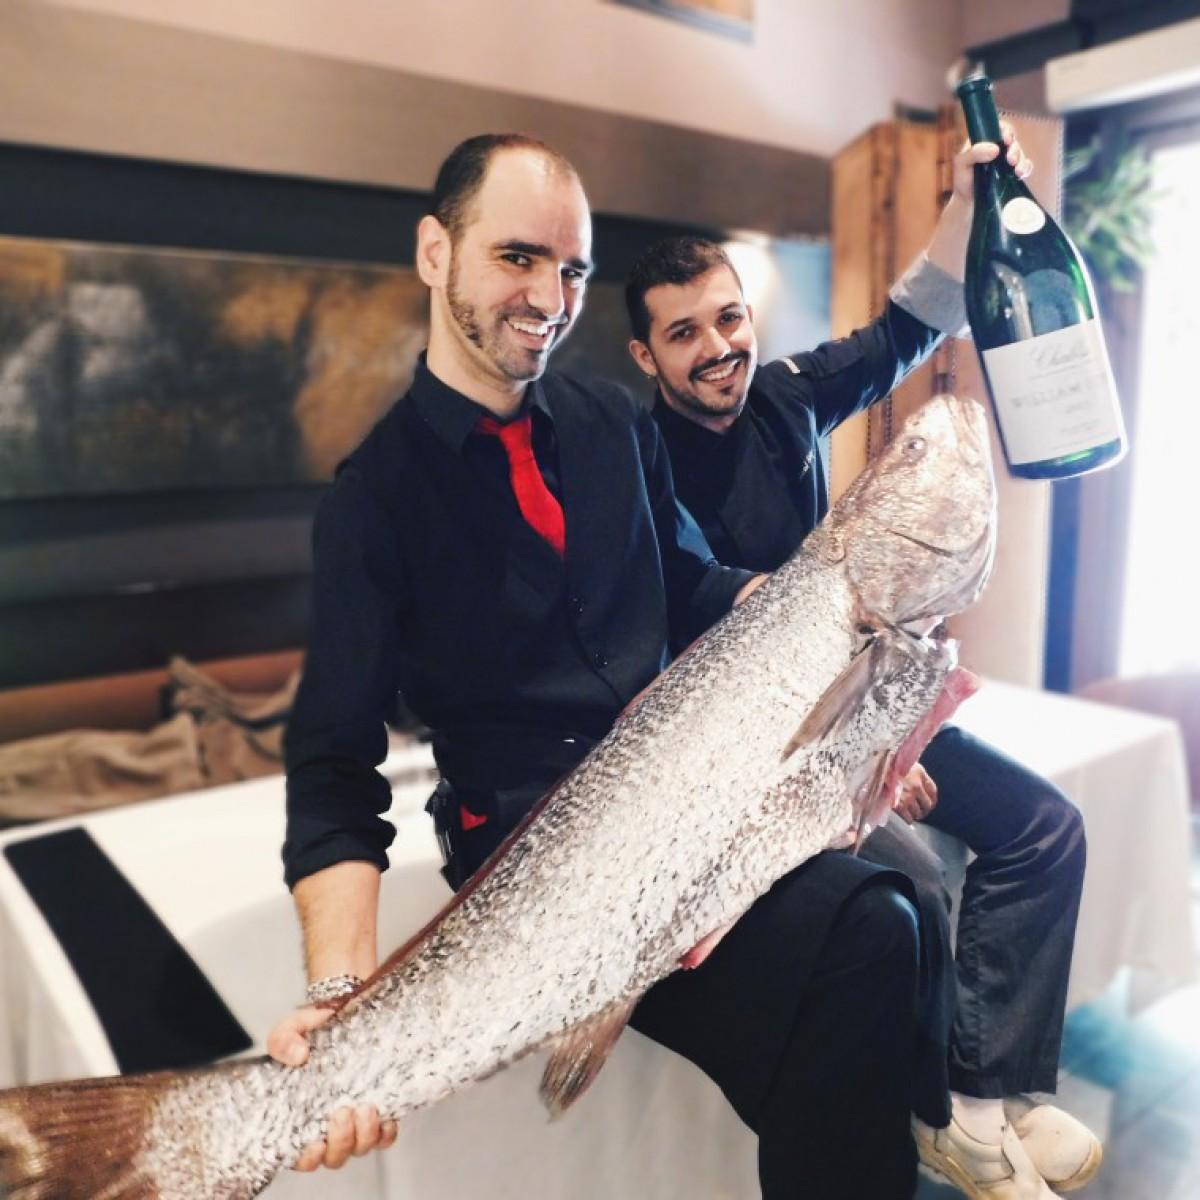 Unai Mata amb Raúl Roig, sommelier i cuiner en cap de l'Osmosis